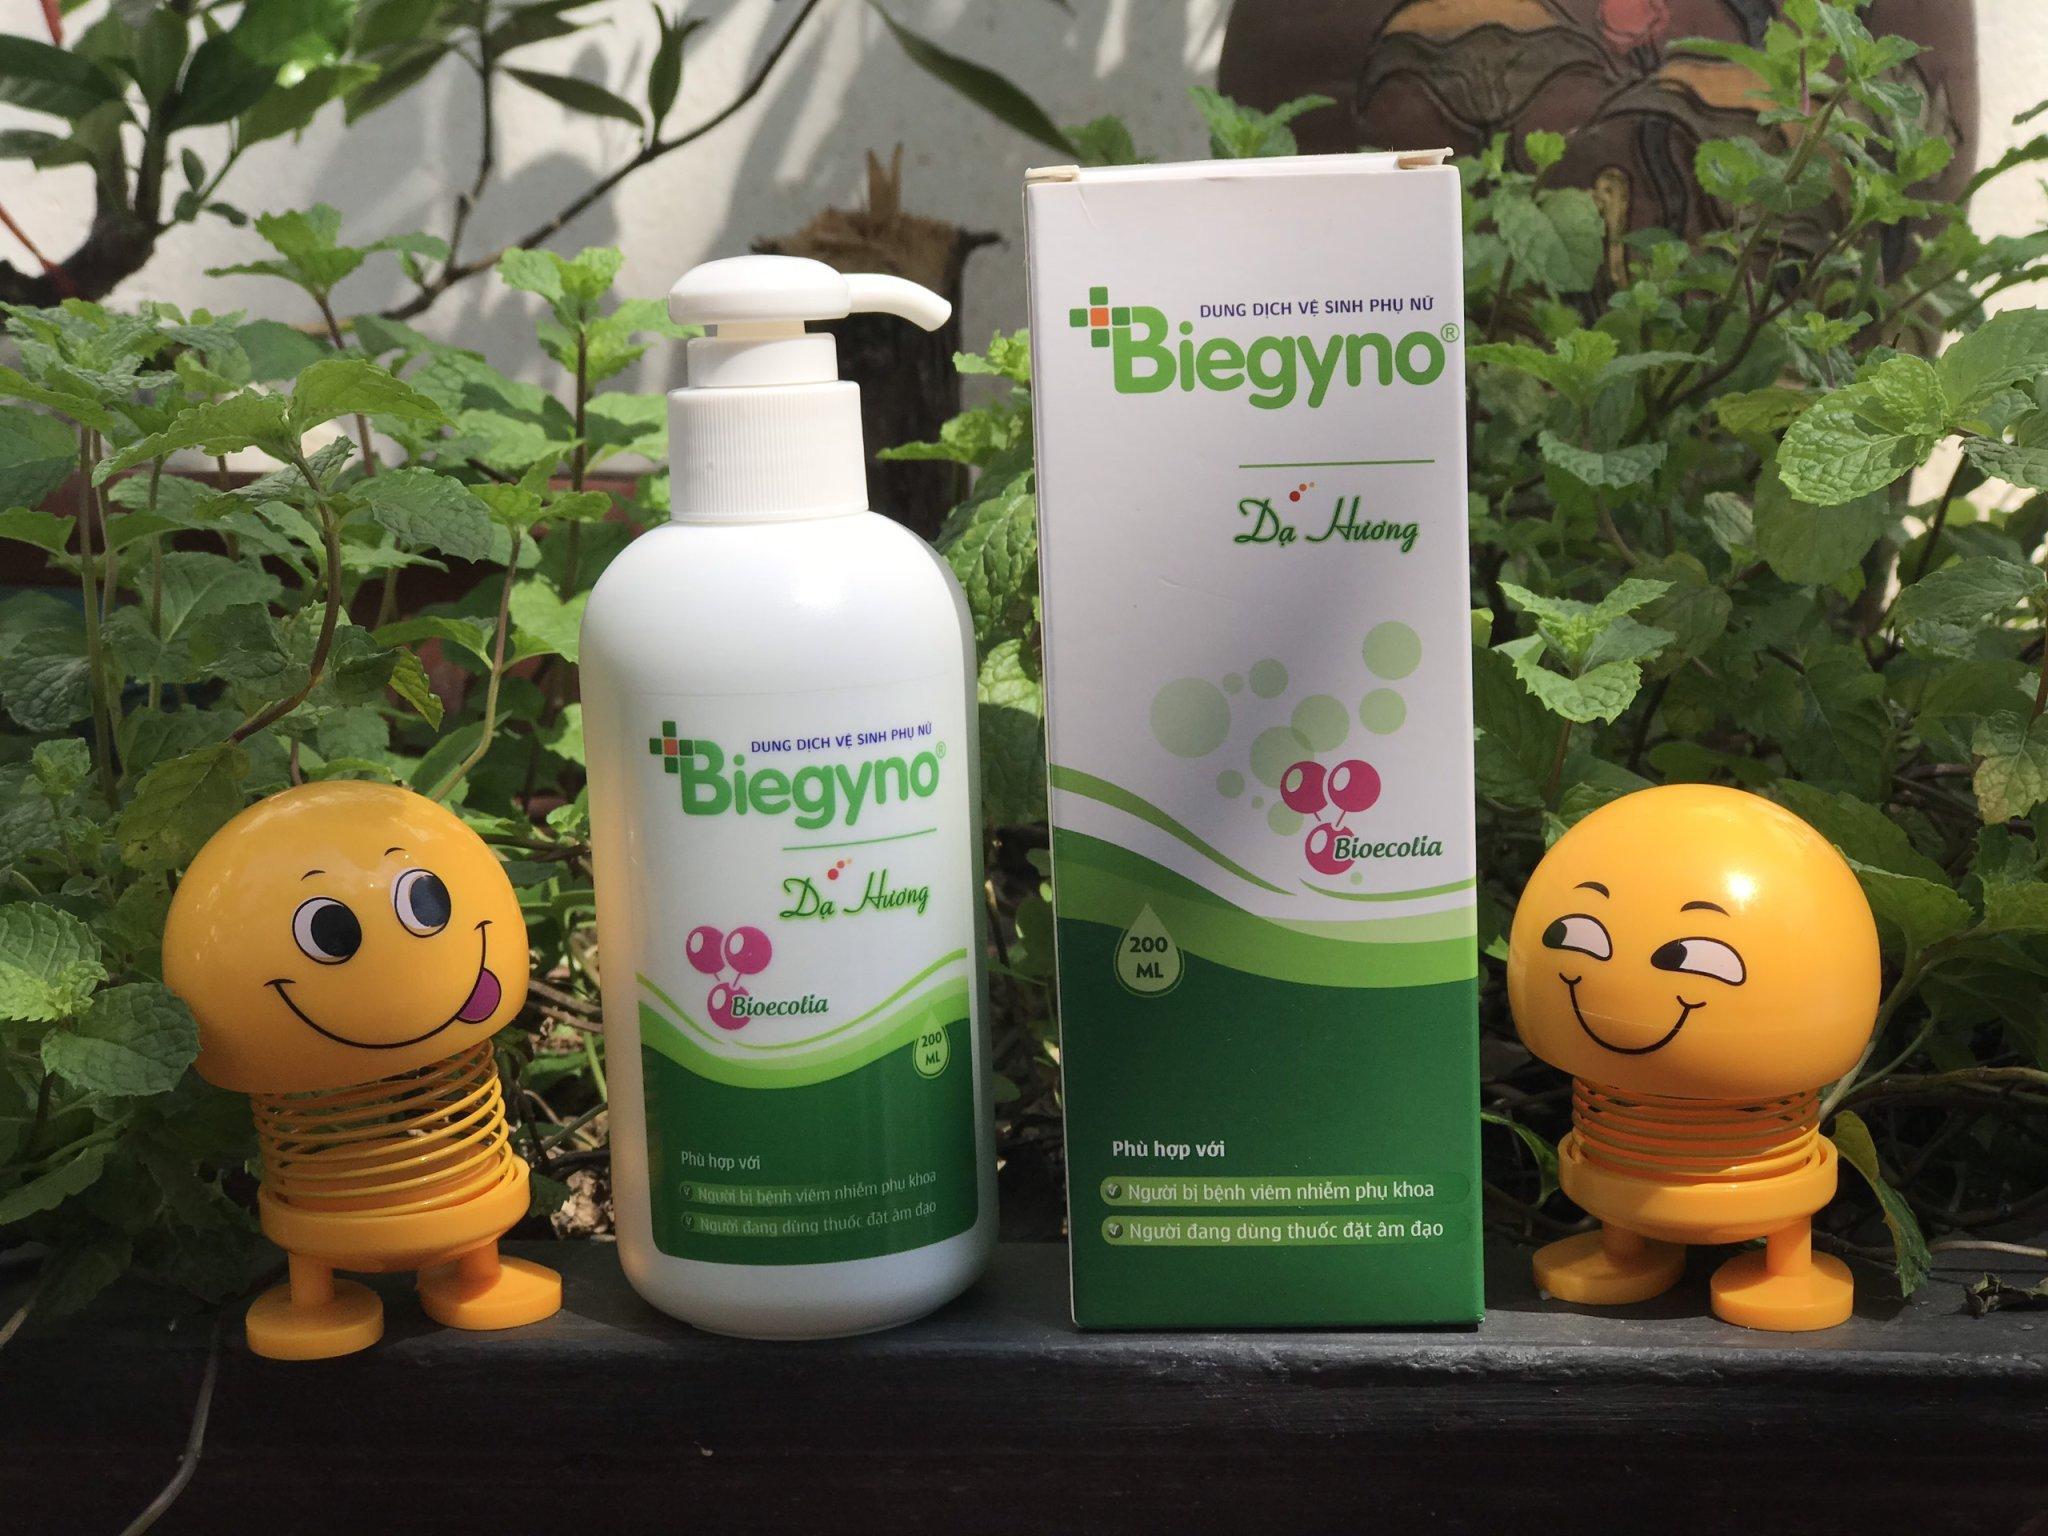 Dung dịch vệ sinh phụ nữ Biegyno